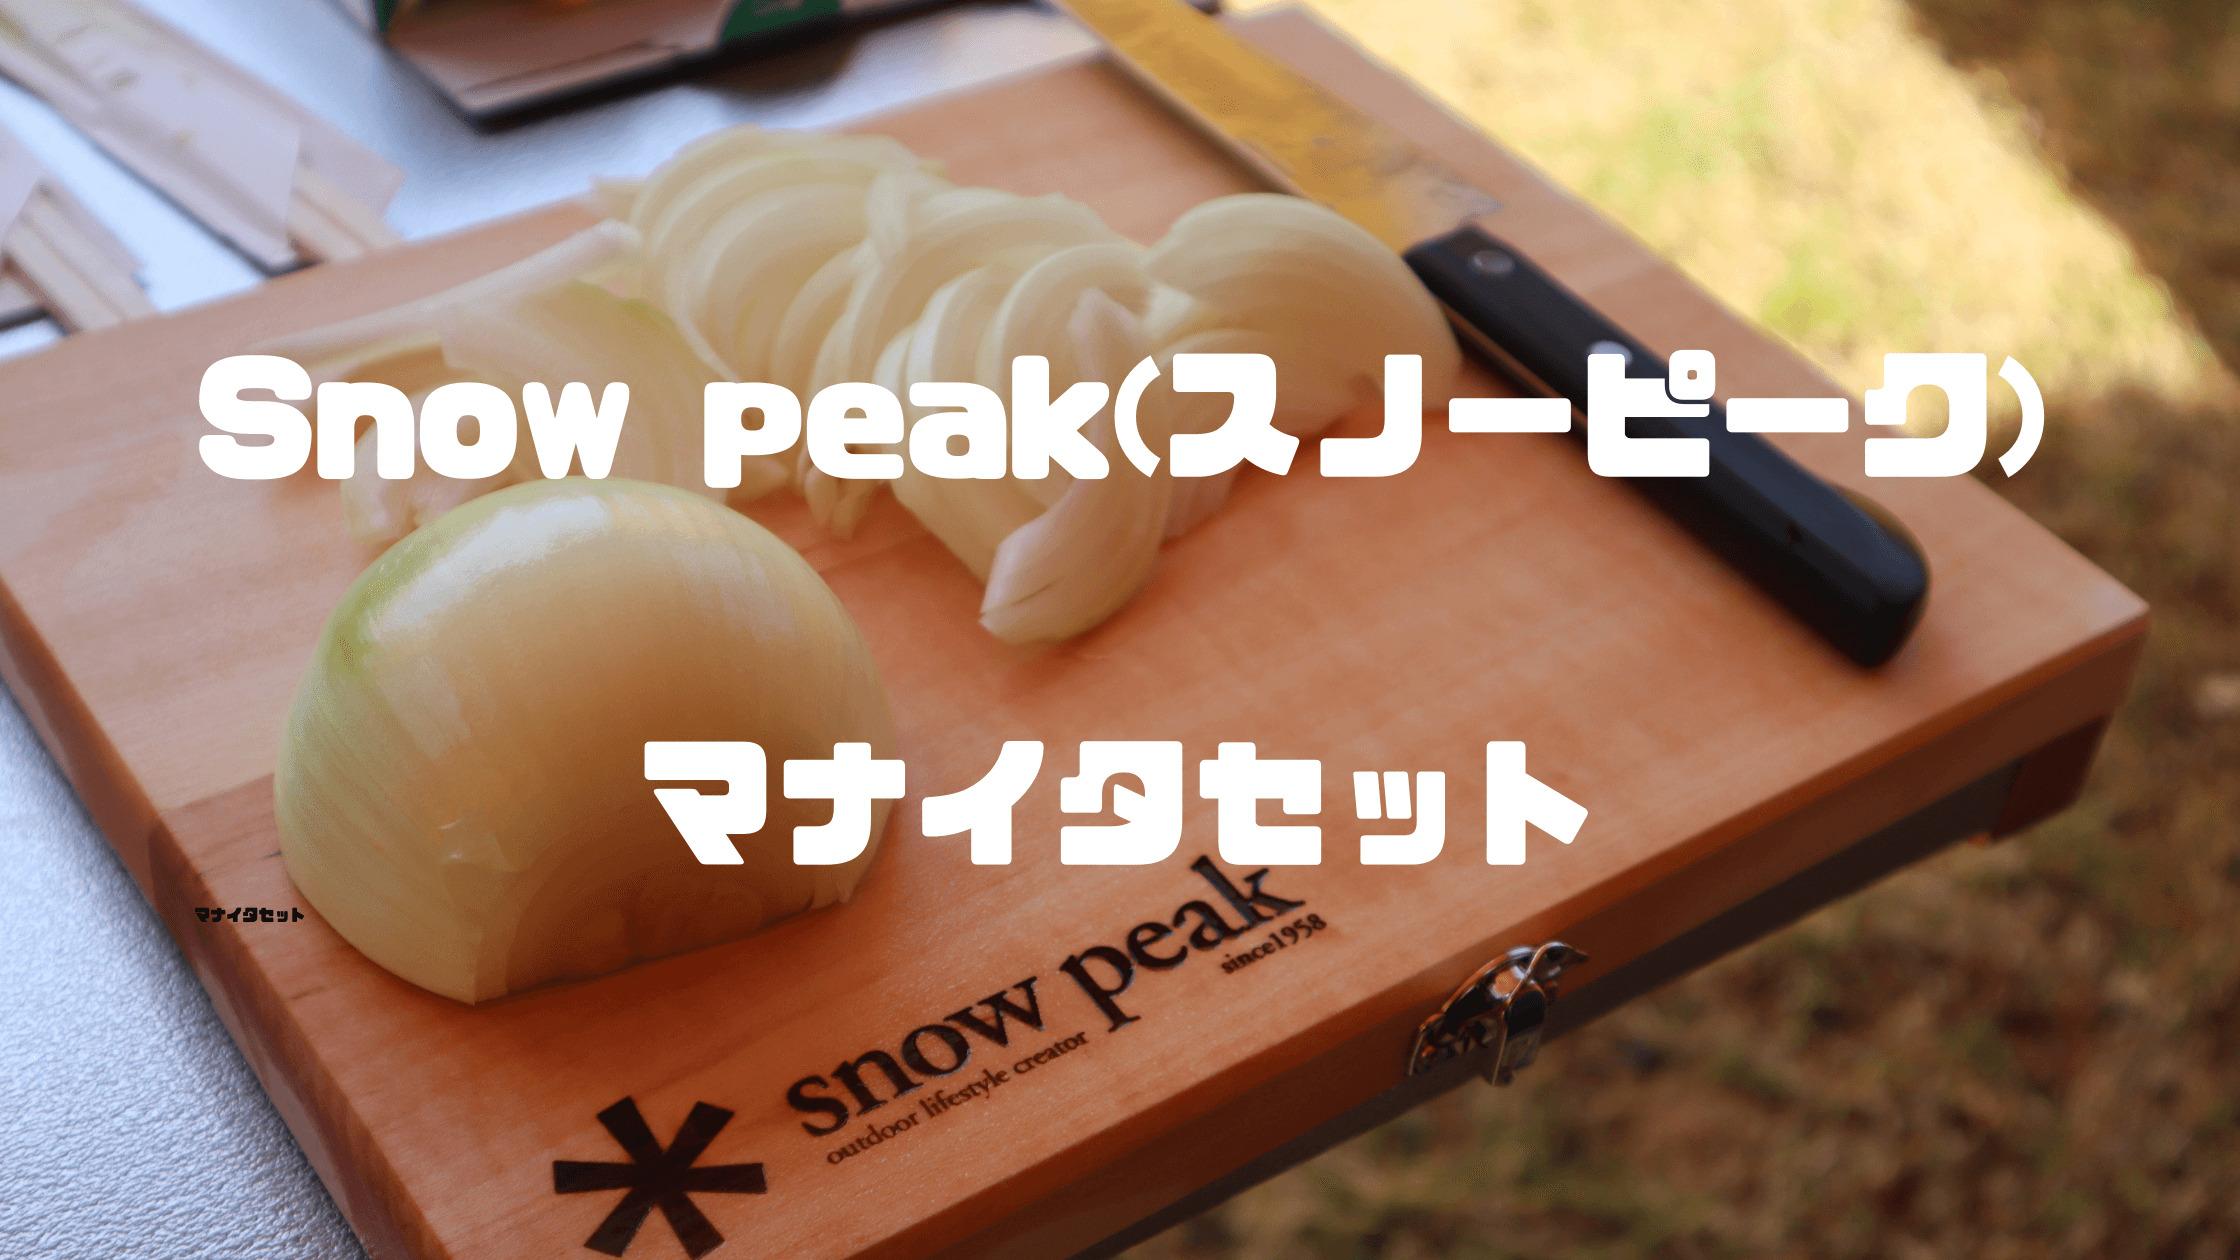 【キャンプ道具レビュー】スノーピーク マナイタセット